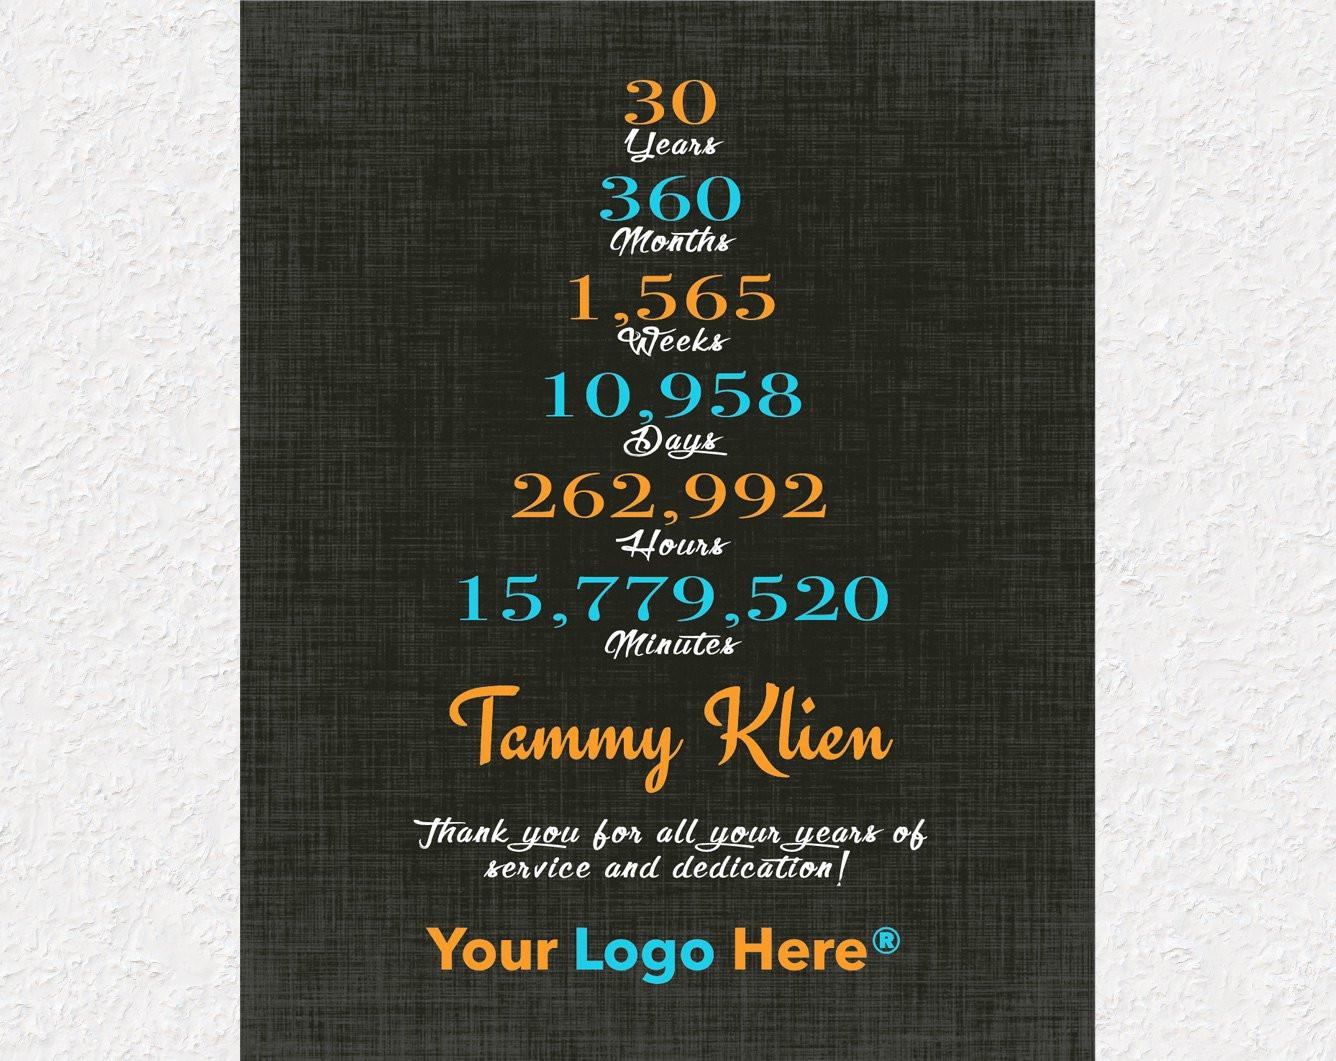 Work Anniversary Gift Ideas  30 Year Anniversary Gift 15 Year Work Anniversary Gift